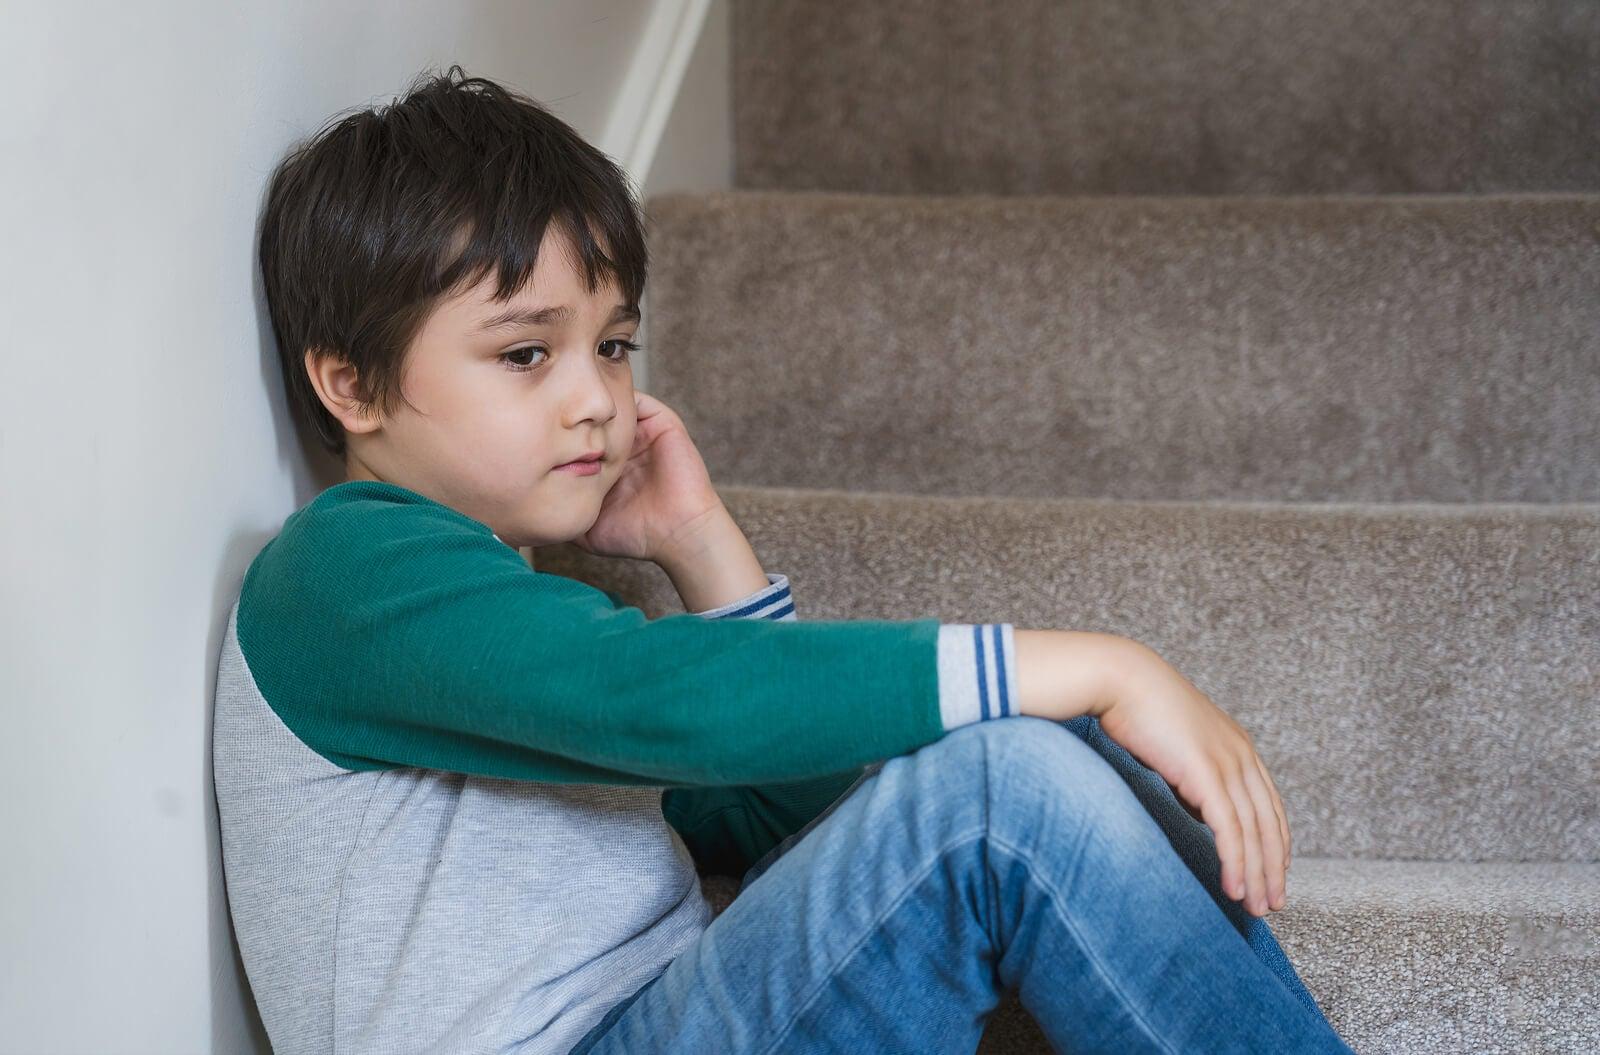 Niño triste sentado en las escaleras.